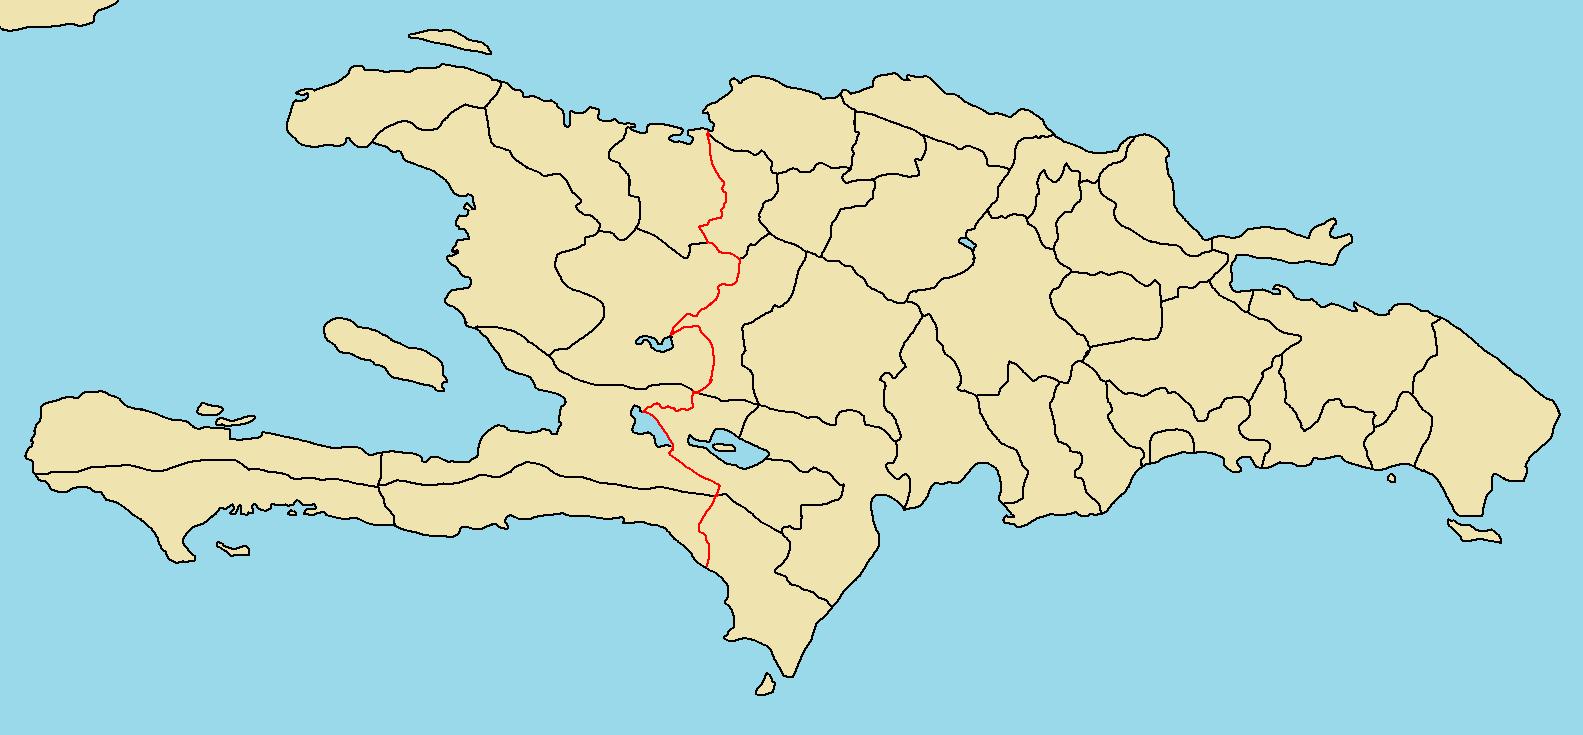 Map Of Hispaniola Image   Province Map of Hispaniola.png   TheFutureOfEuropes Wiki  Map Of Hispaniola